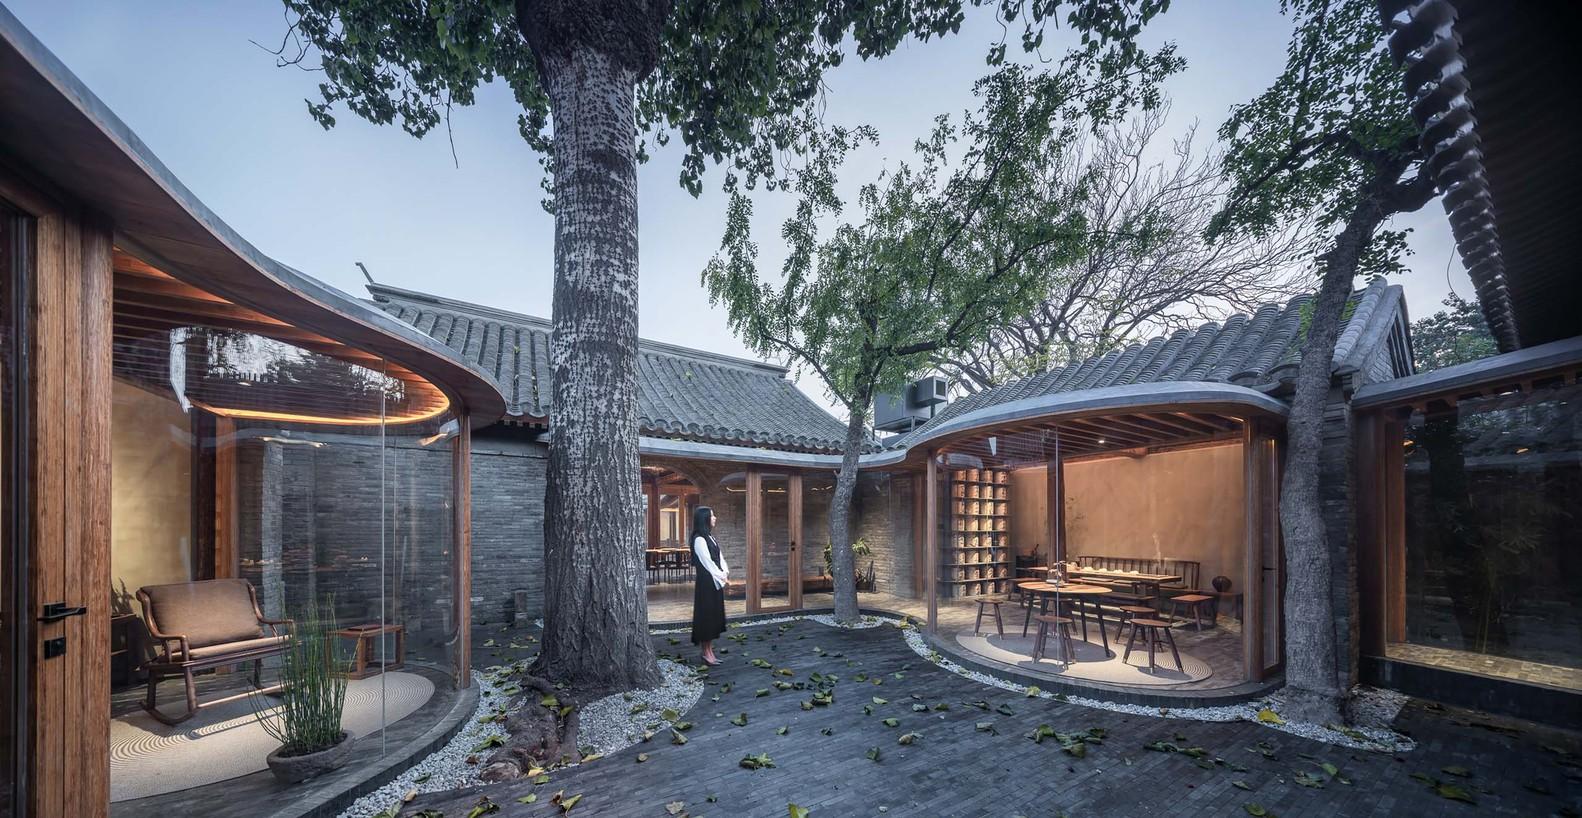 Qishe Courtyard / ARCHSTUDIO